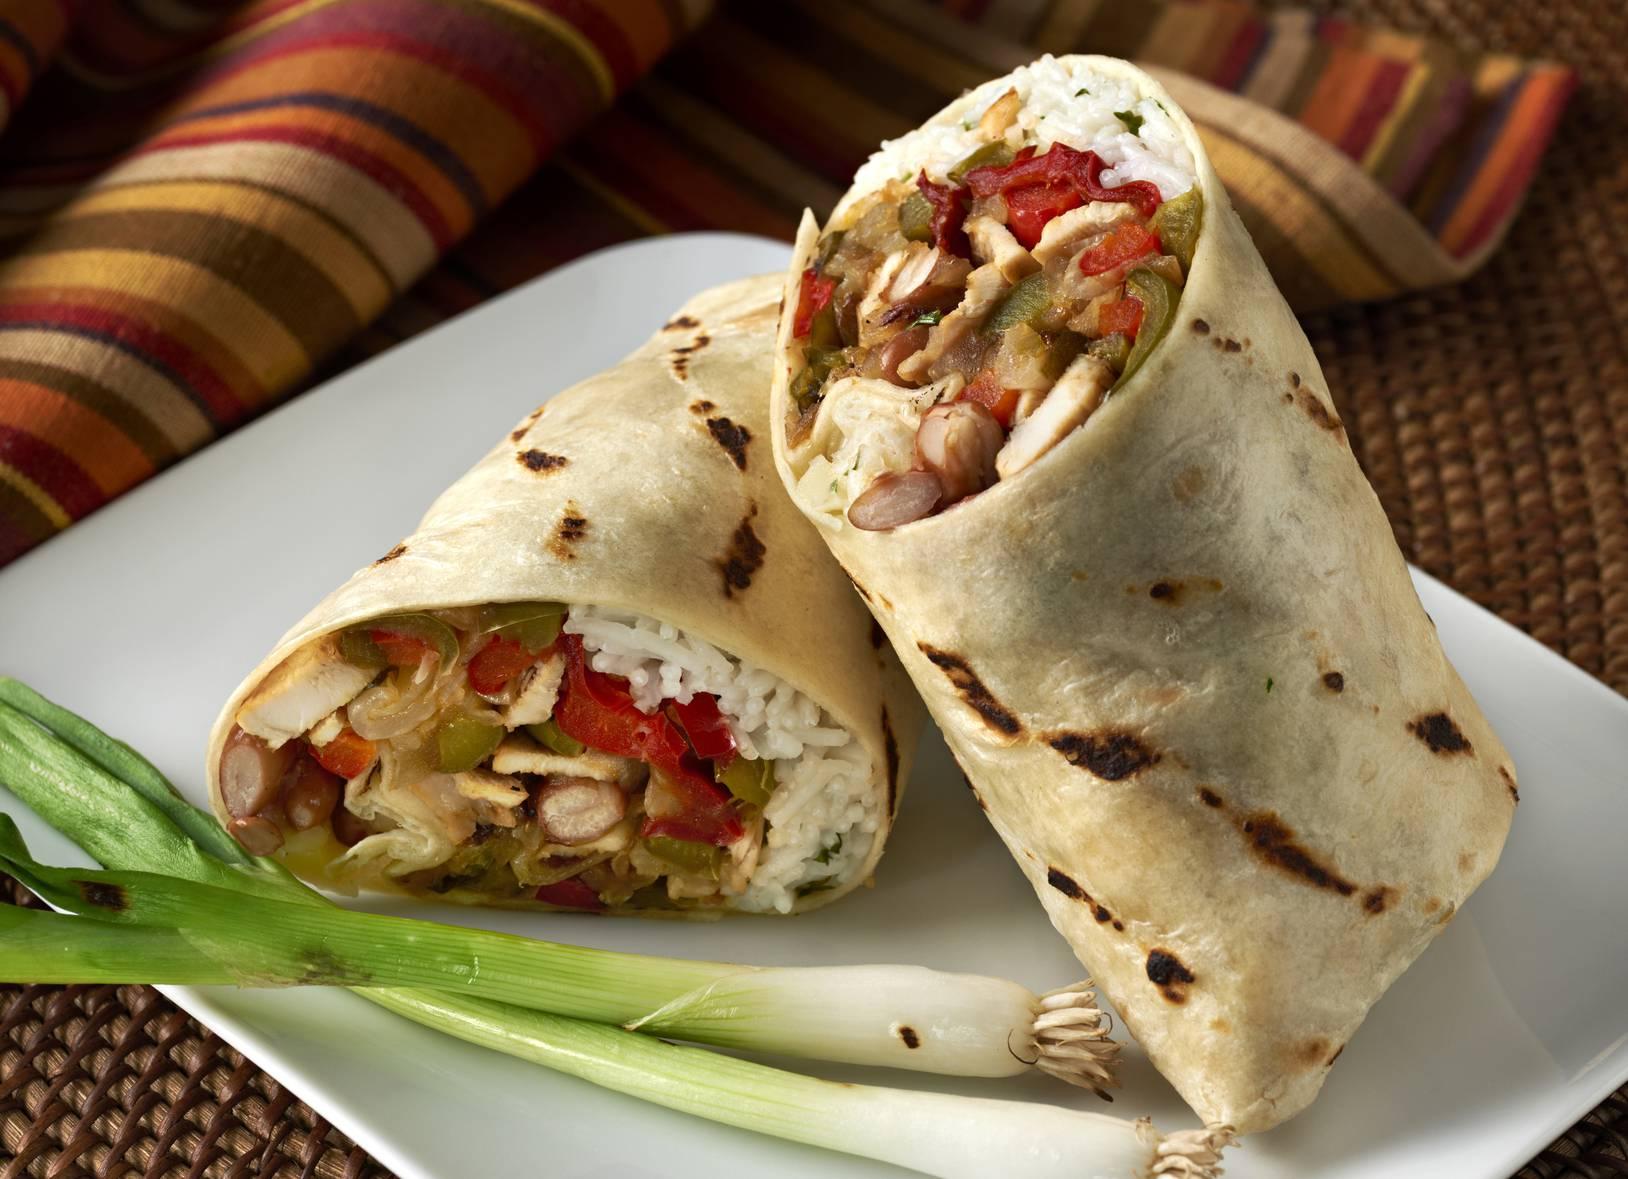 Burrito di pollo e guacamole